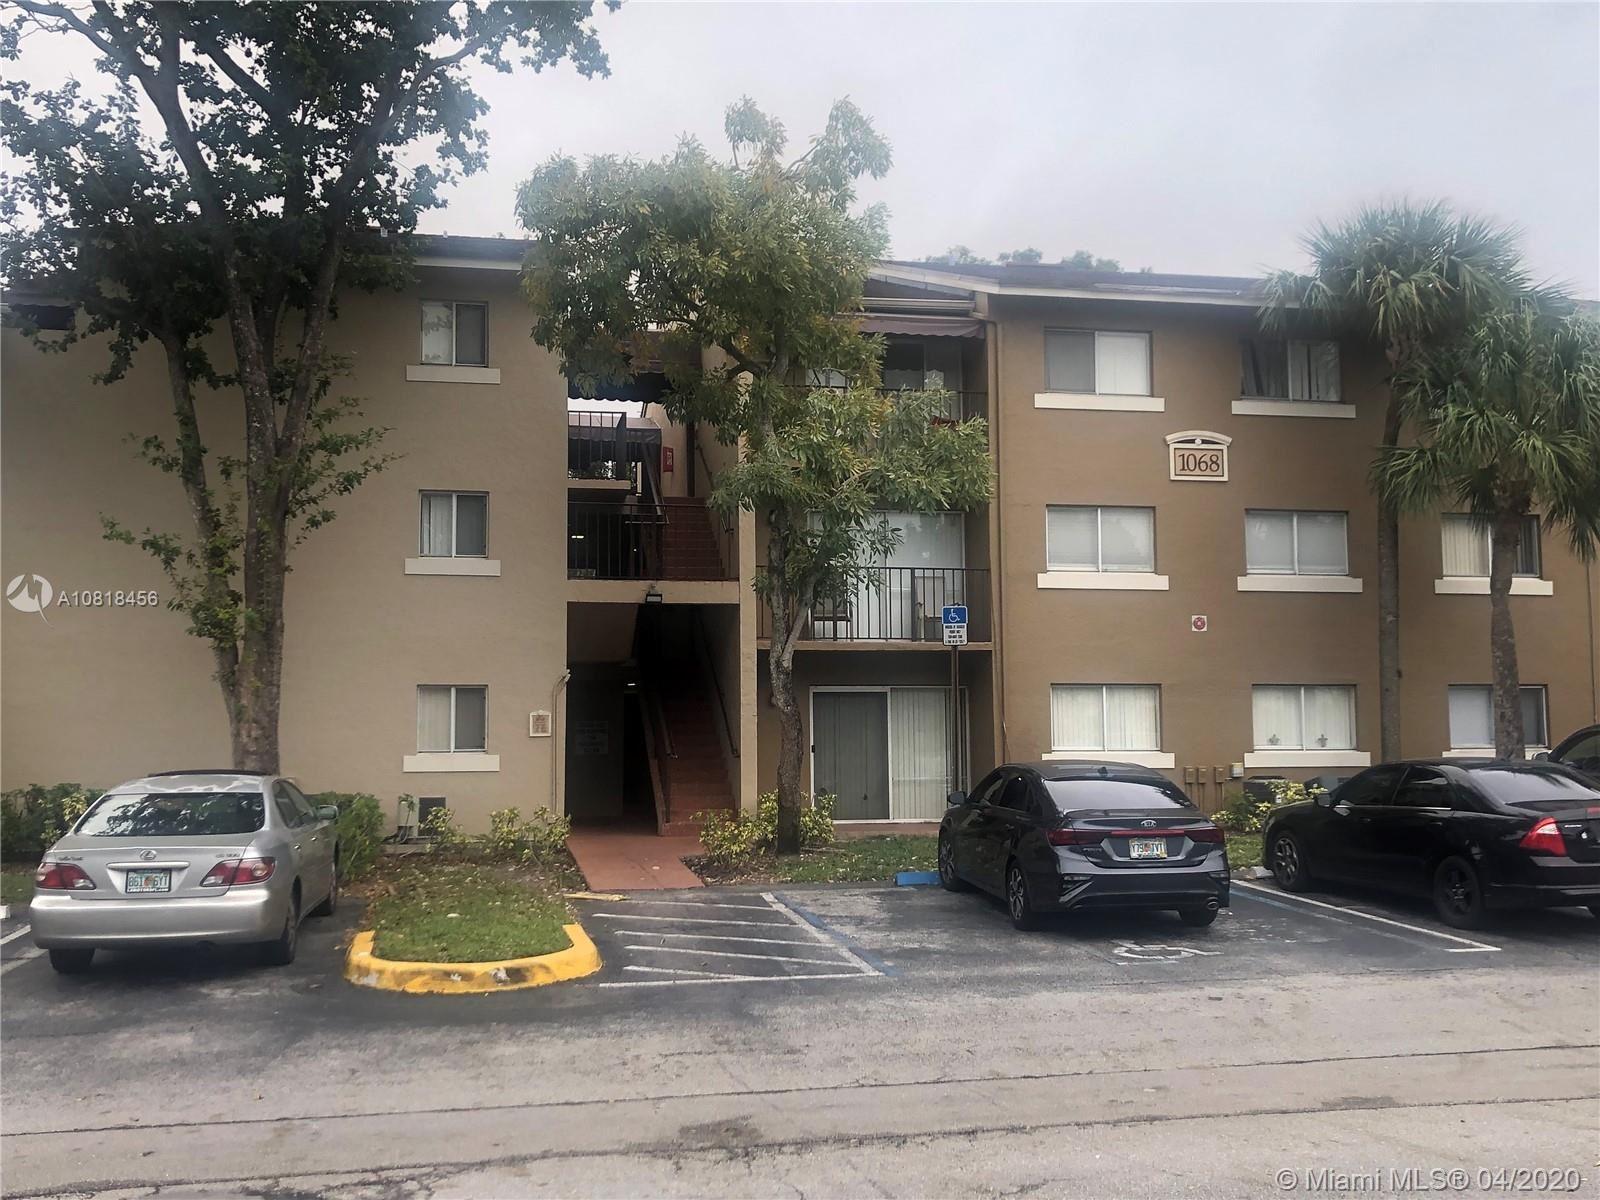 1068 N Benoist Farms Rd #303, West Palm Beach, FL 33411 - #: A10818456